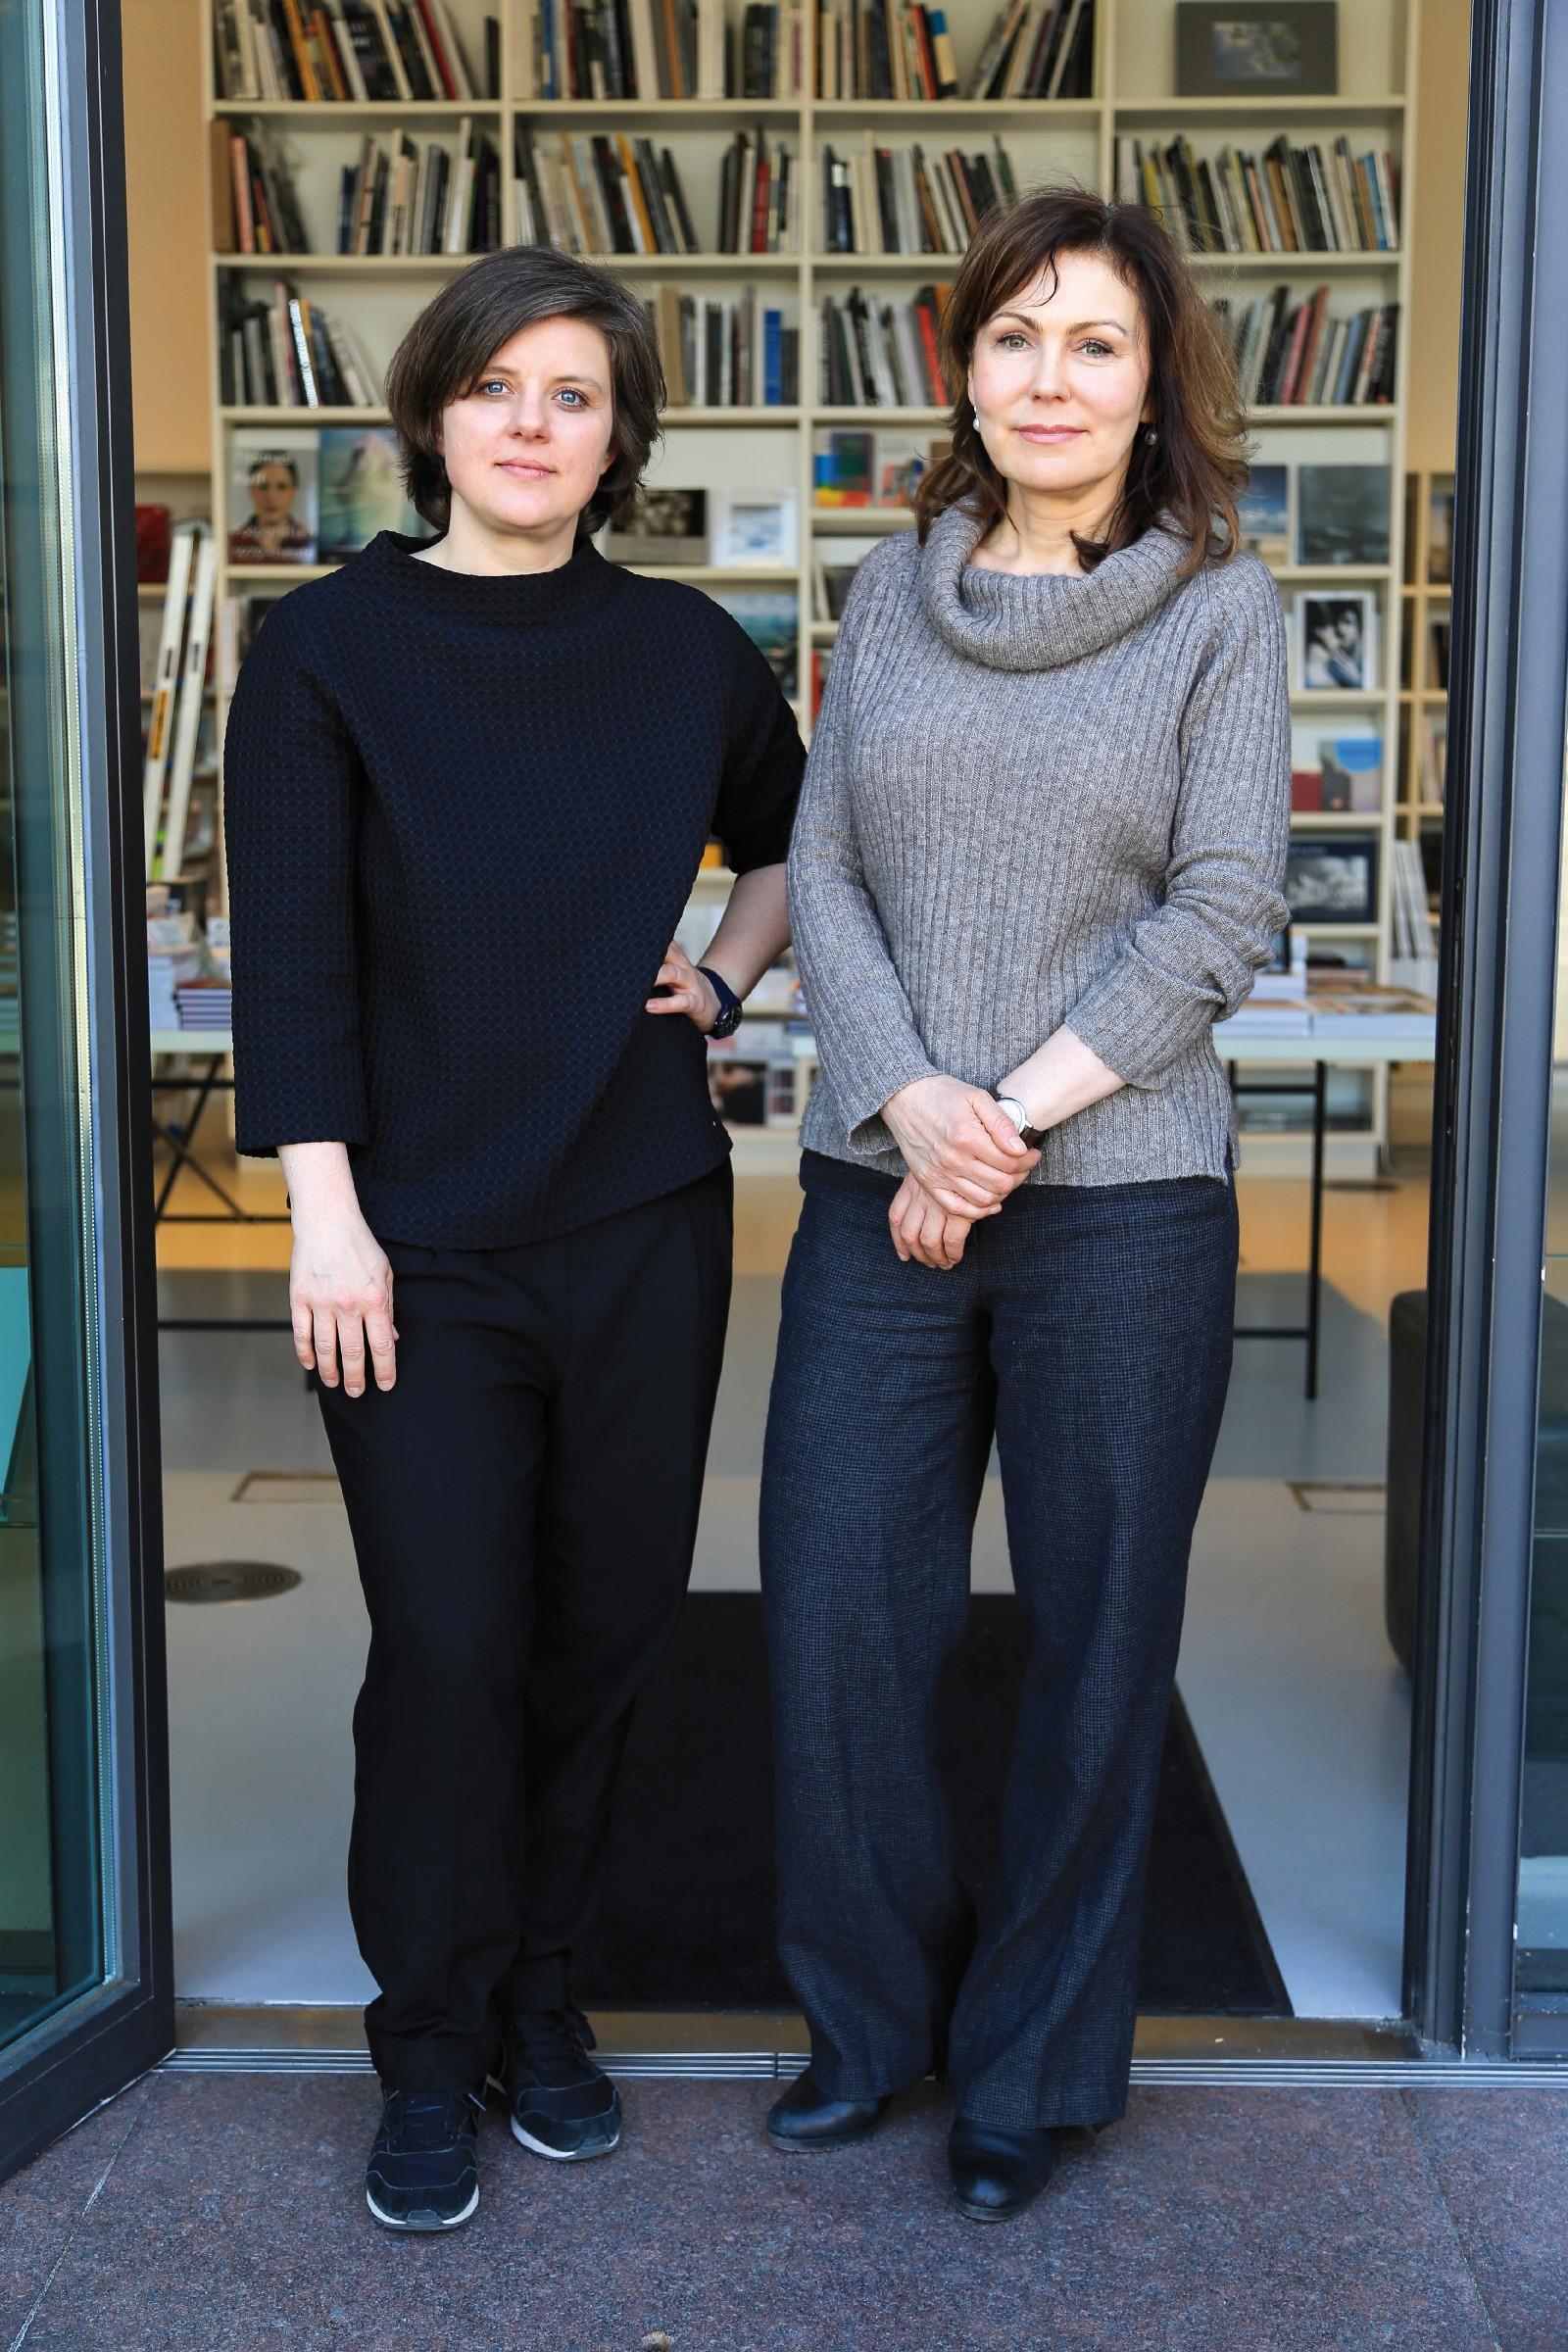 Museumsshops als treffpunkt f r kreative buchreport for Spiegel jahresbestseller 2017